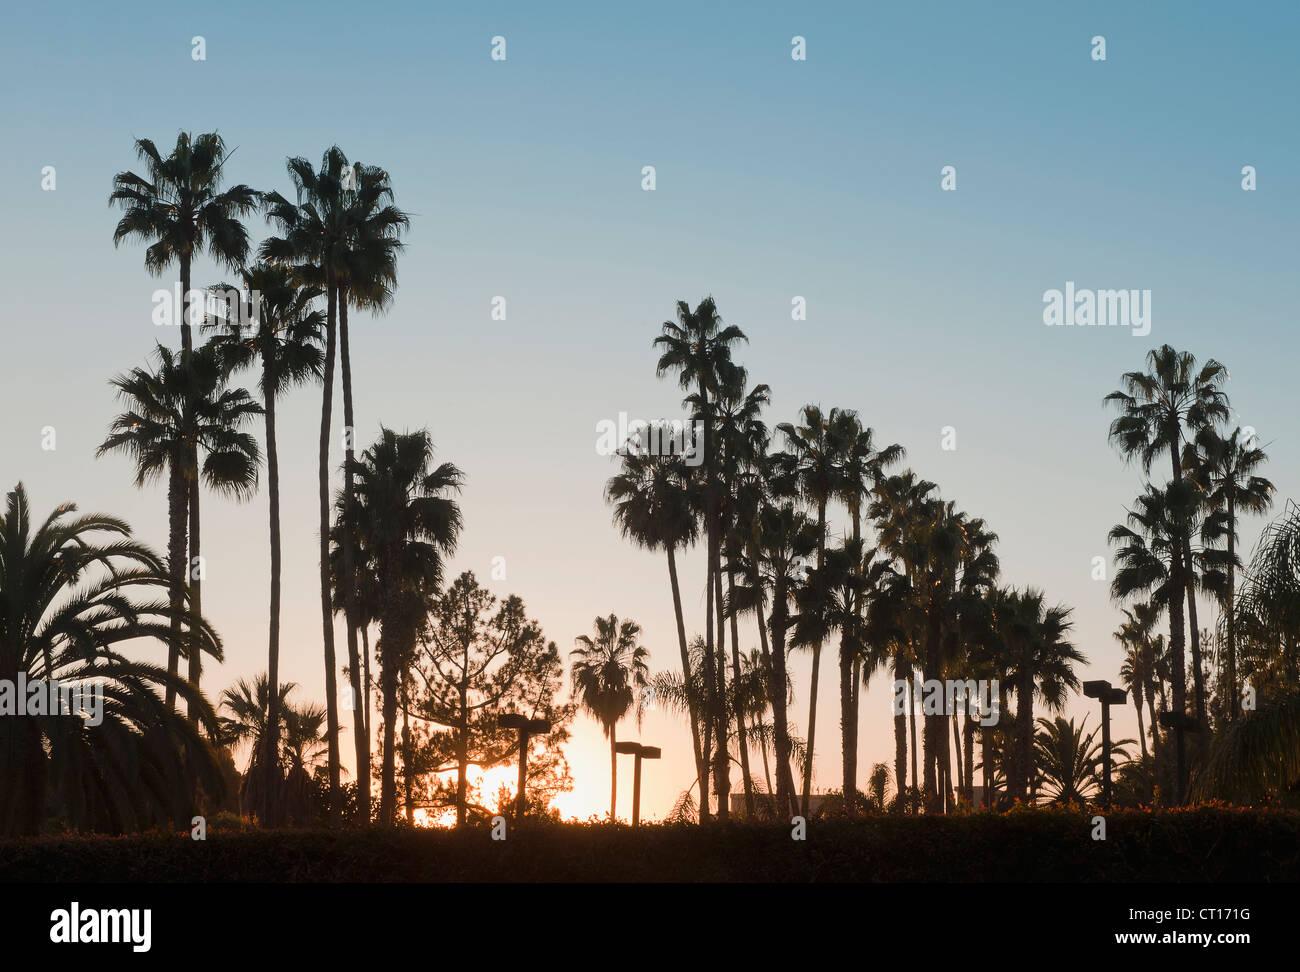 Silhouette di palme al tramonto Immagini Stock